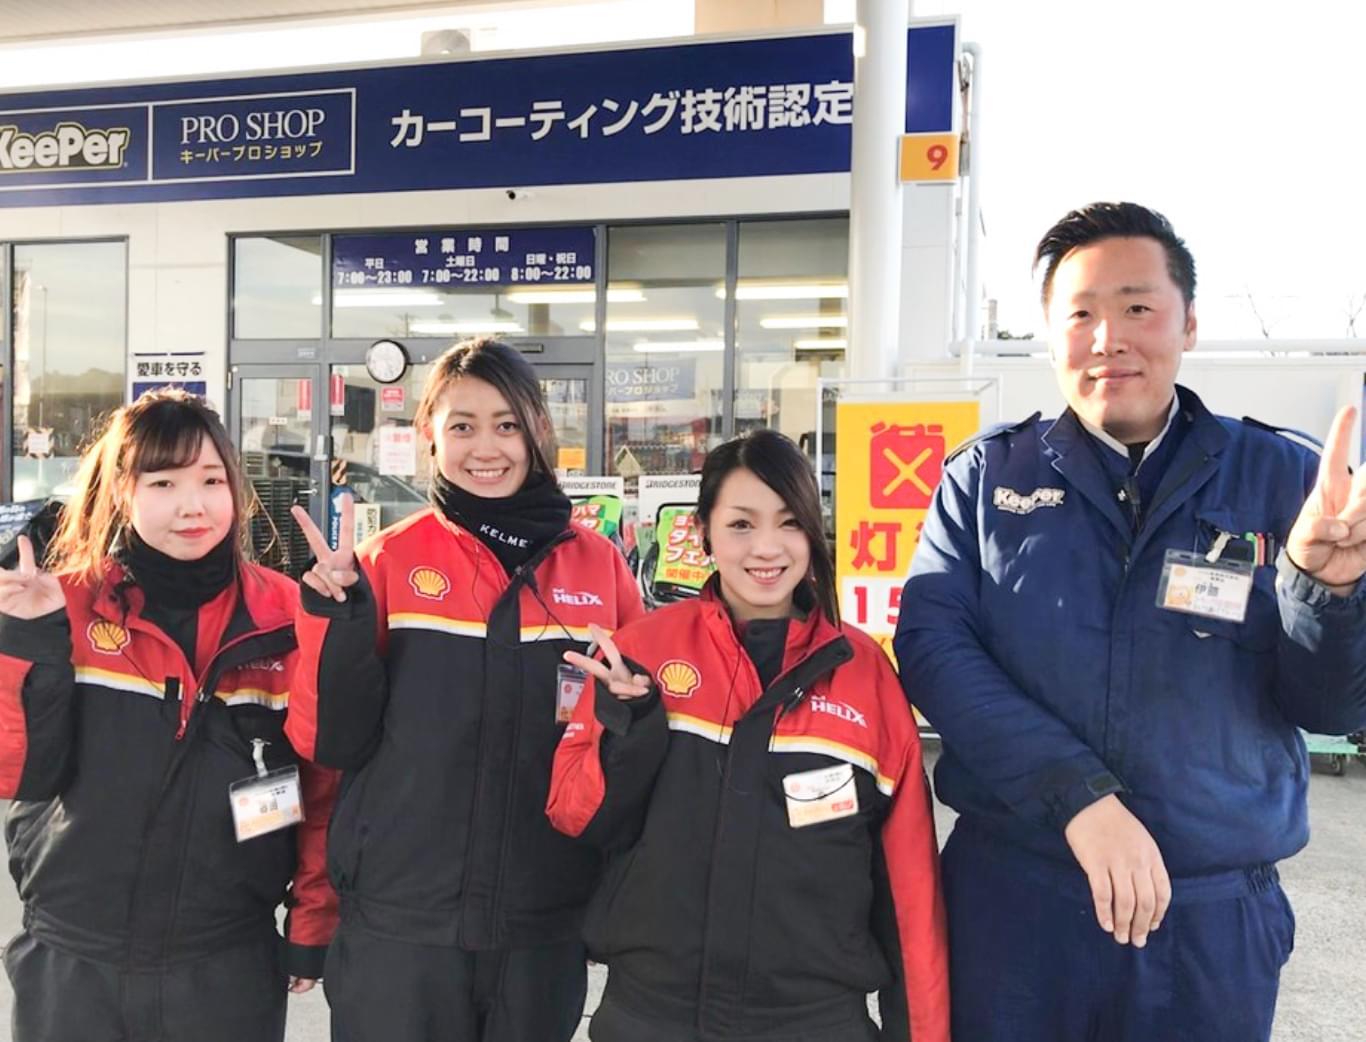 笑顔で接客をするガソリンスタンドのスタッフ